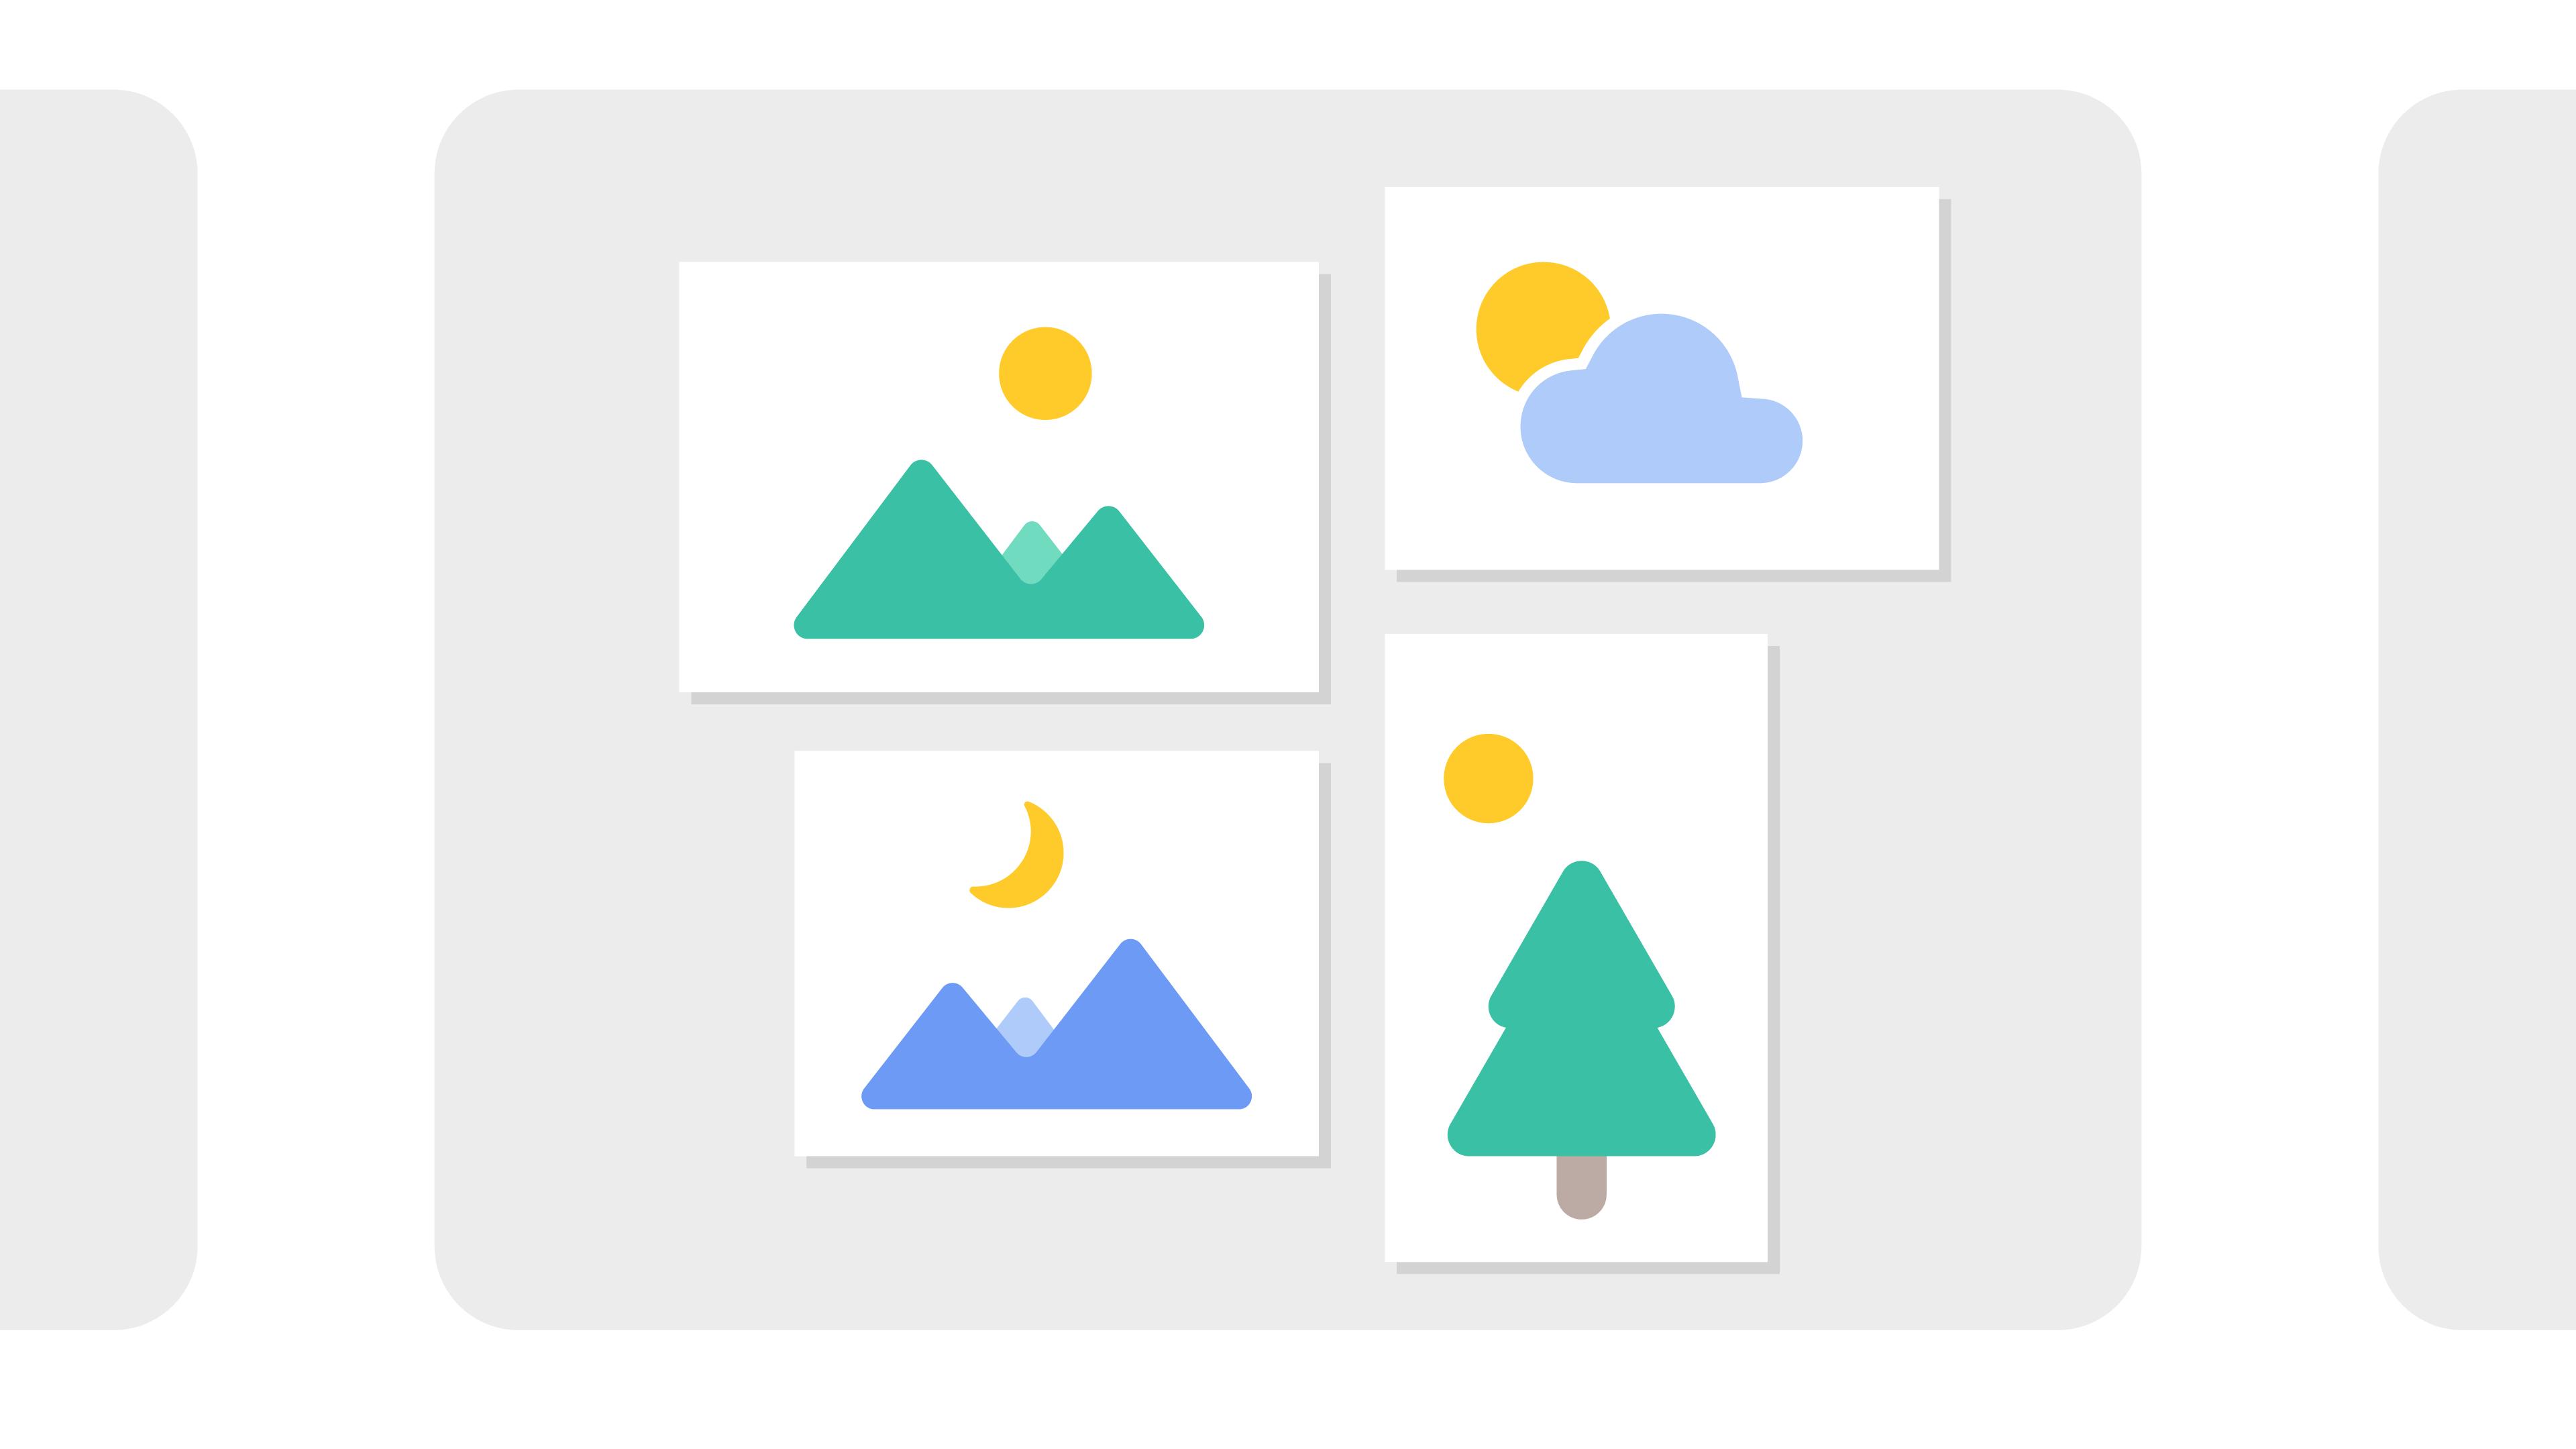 構成可能な拡張機能のイラスト